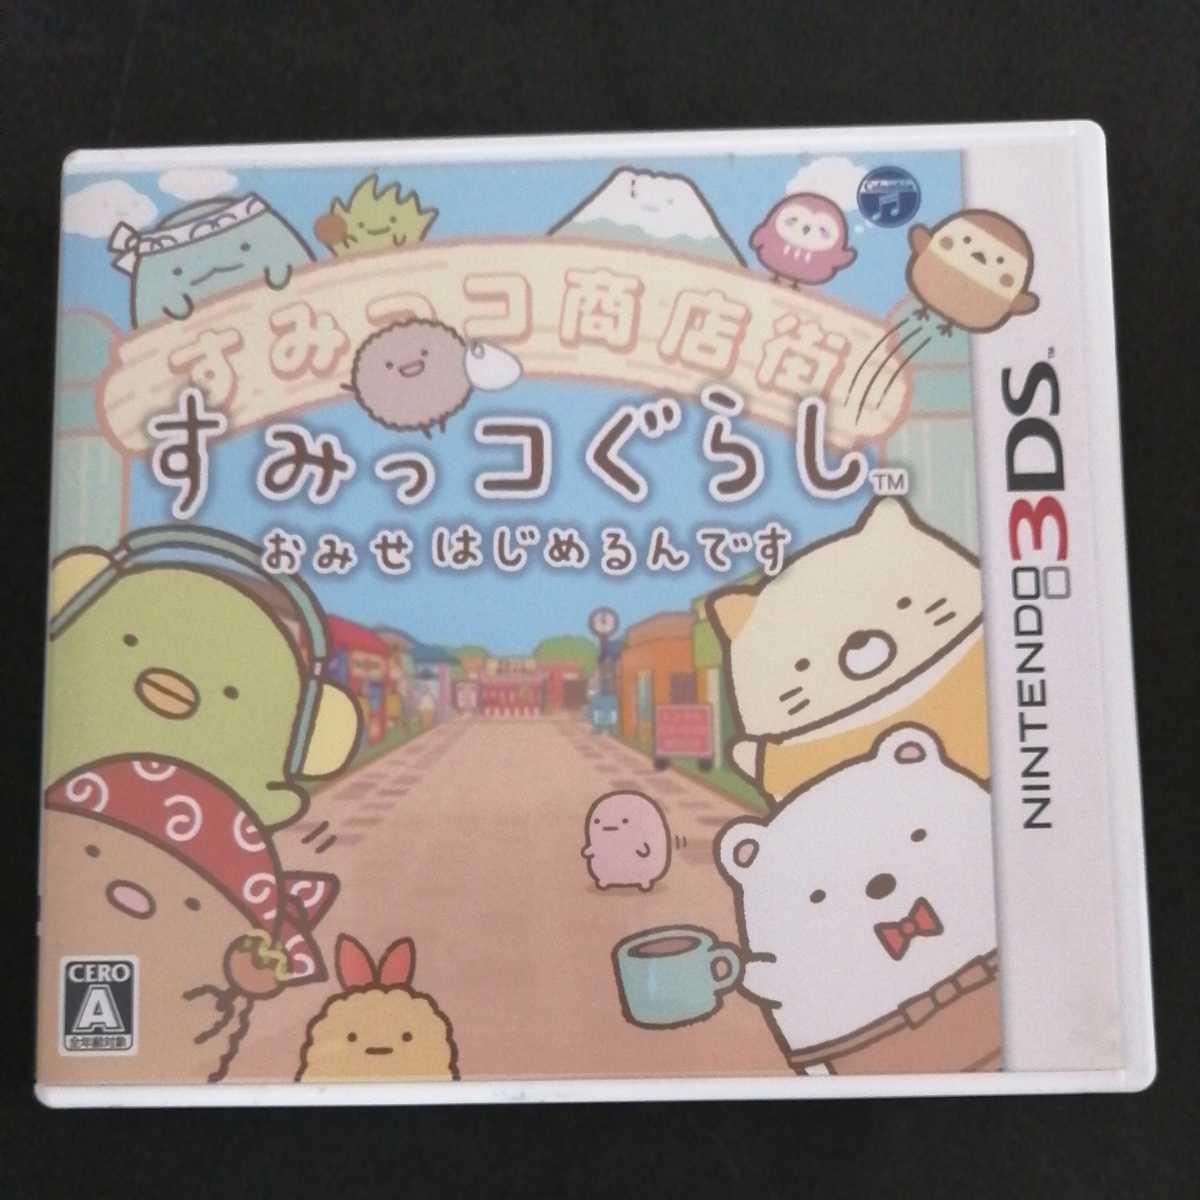 任天堂3DS すみっコぐらし おみせはじめるんです nintendo ニンテンドー3DS すみっこぐらし DS